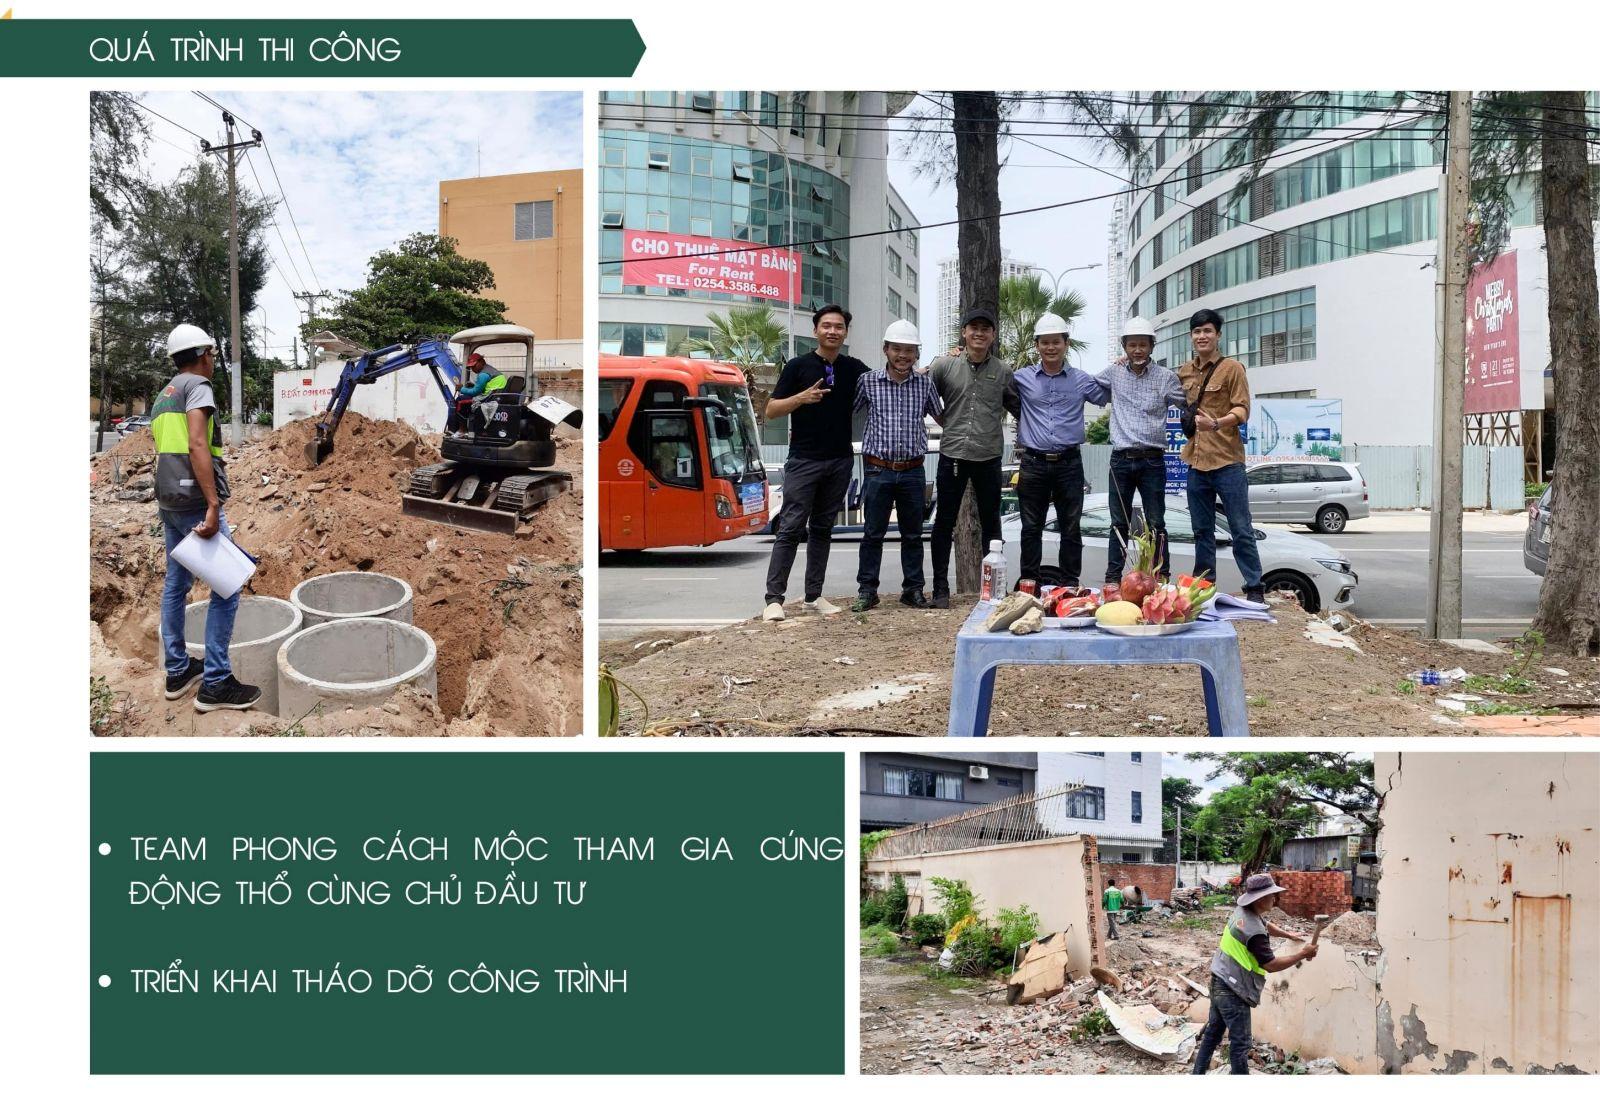 qua-trinh-thi-cong-quan-cafe-palma-the-garden-cafe-vung-tau